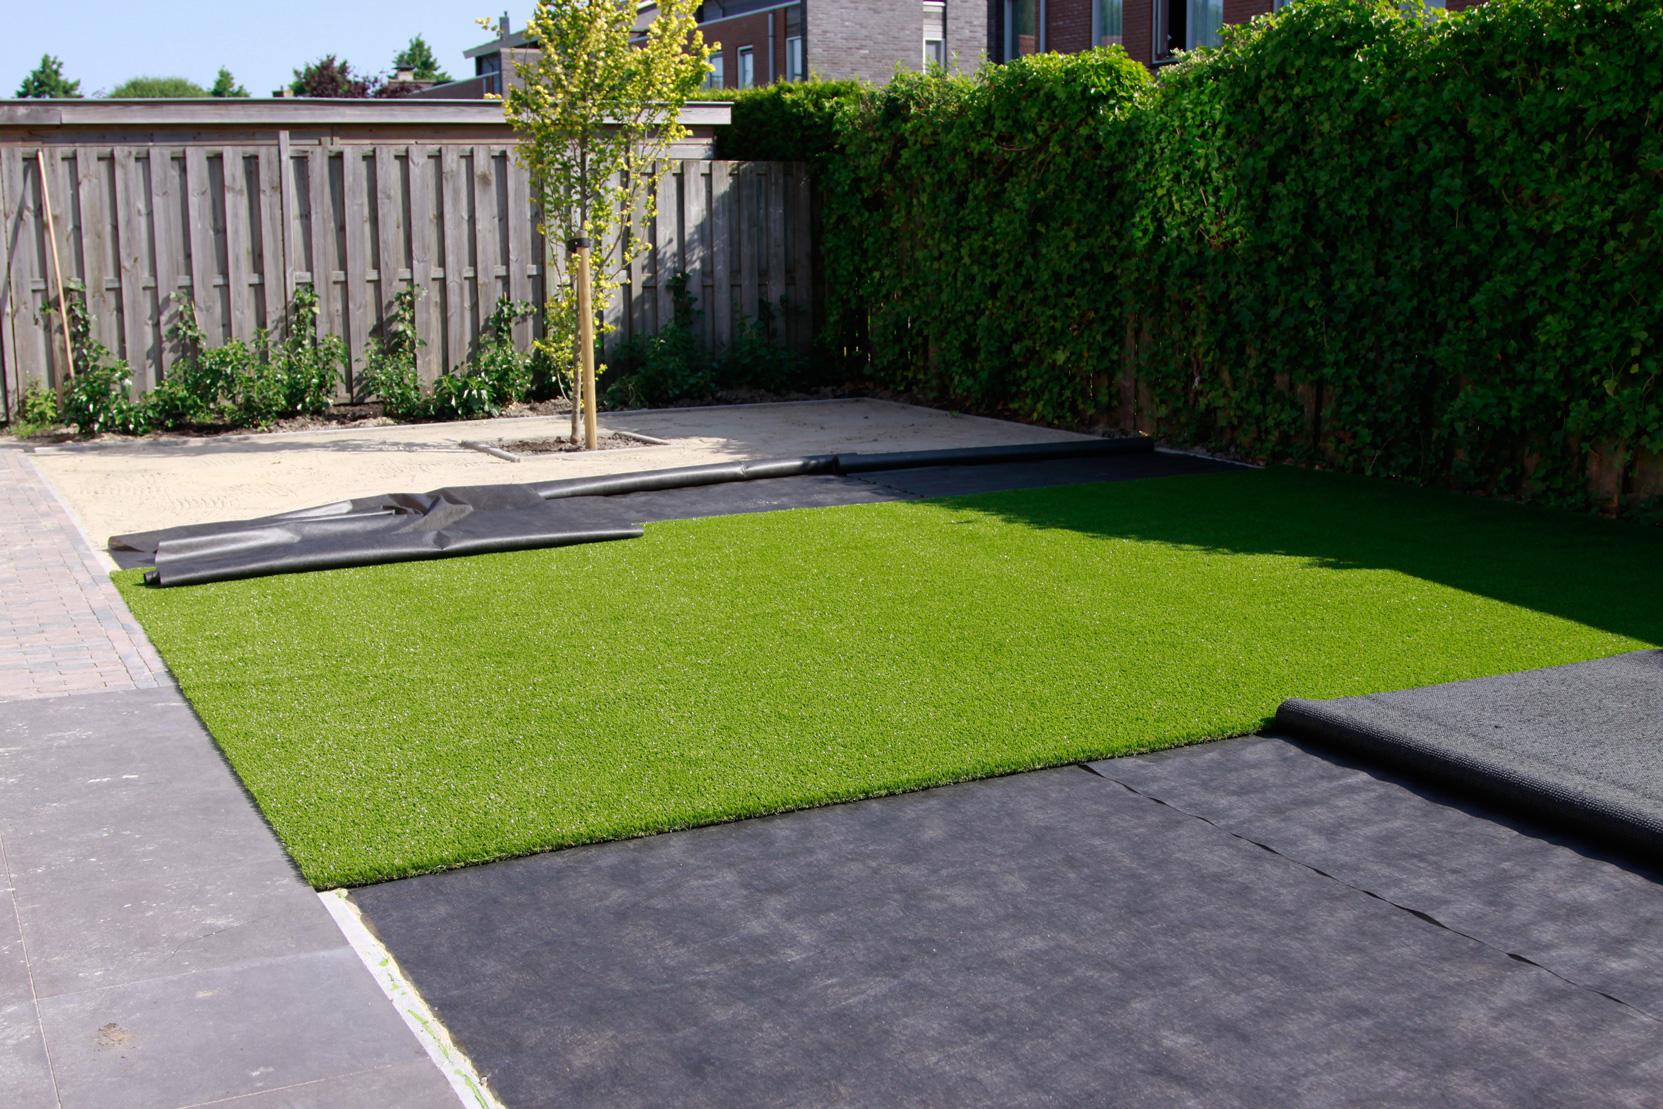 Tuin Aanleggen Ideeen : Gras in de tuin aanleggen amazing badkamer moderne tuin met